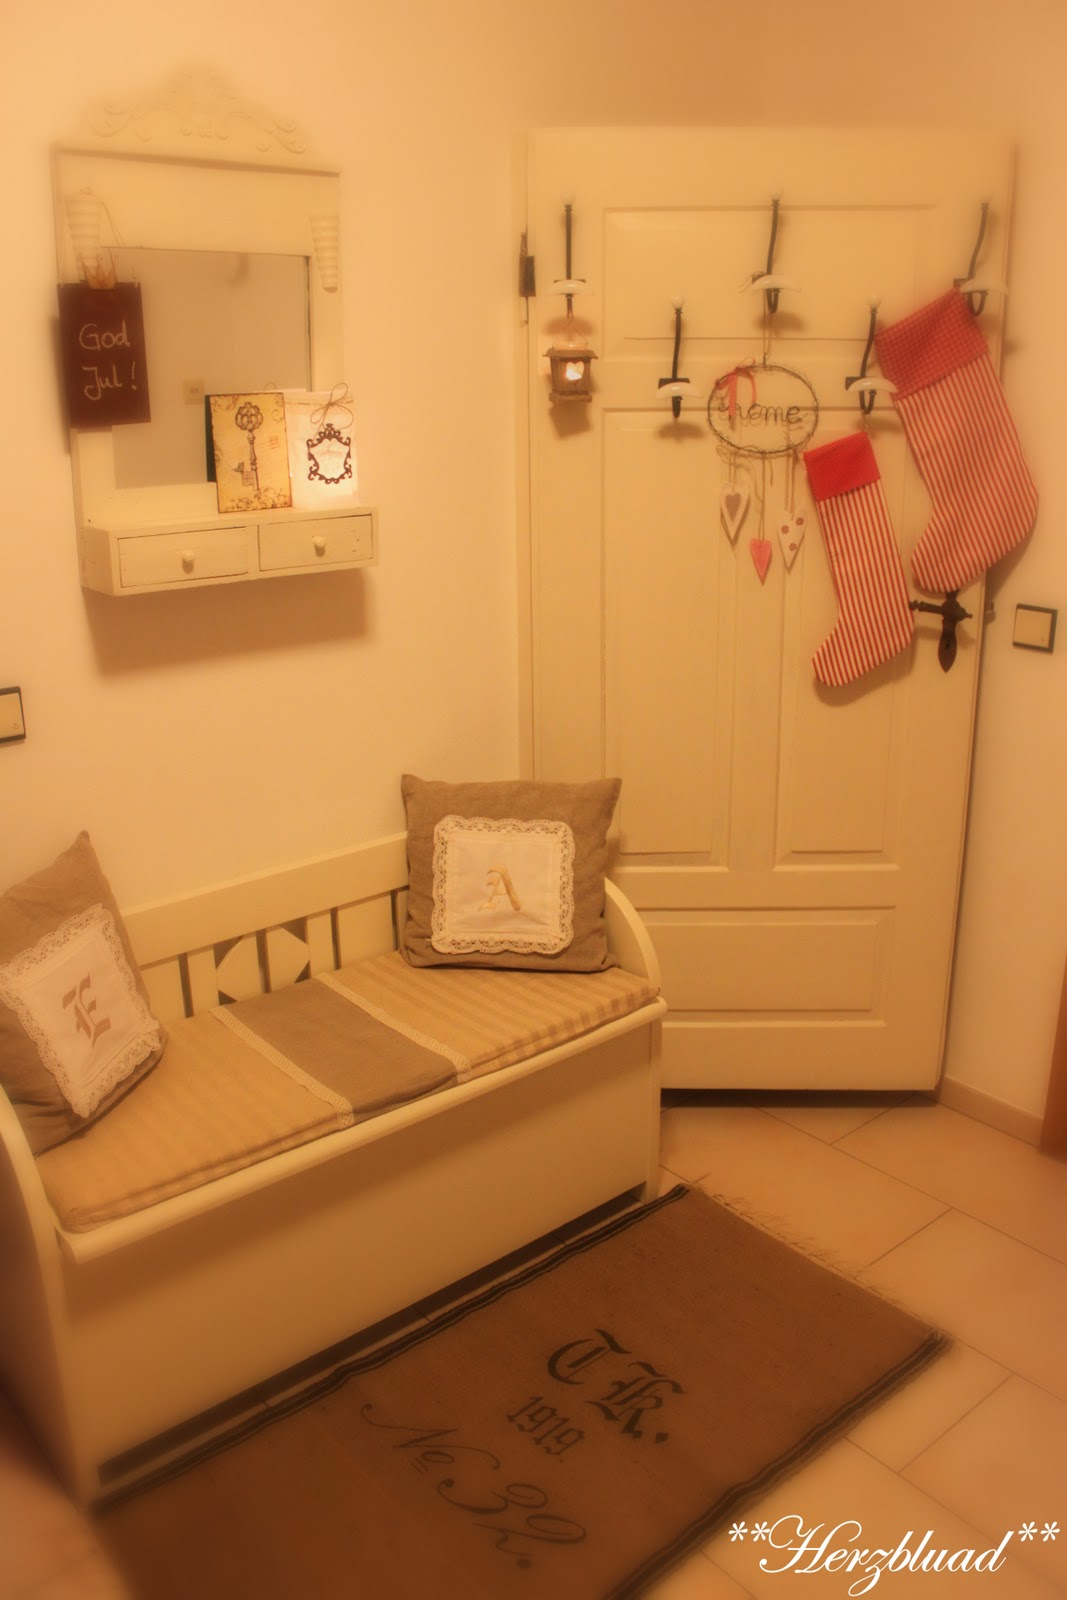 herzbluad tretet ein bringt gl ck herein. Black Bedroom Furniture Sets. Home Design Ideas